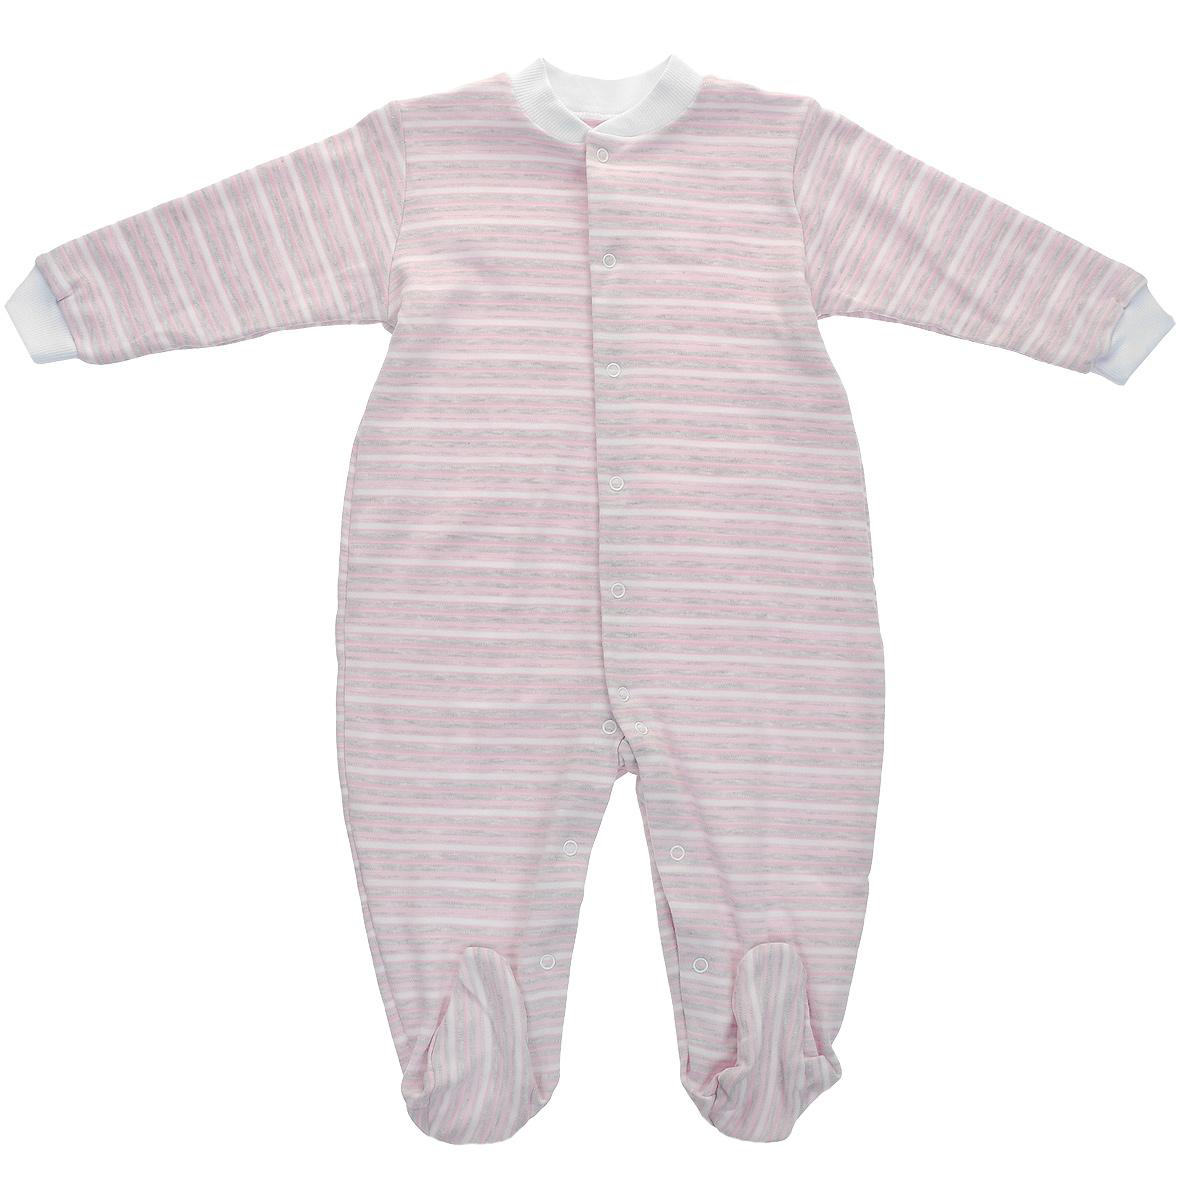 Комбинезон детский Фреш Стайл, цвет: розовый, светло-серый, белый. 39-526. Размер 80, 12 месяцев39-526Детский комбинезон Фреш Стайл станет идеальным дополнением к гардеробу вашего ребенка. Изготовленный из натурального хлопка - интерлок-пенье, он необычайно мягкий и приятный на ощупь, не раздражает нежную кожу ребенка и хорошо вентилируется. Комбинезон с длинными рукавами, закрытыми ножками и небольшим воротником-стойкой застегиваются спереди на металлические кнопки по всей длине и на ластовице, что облегчает переодевание ребенка и смену подгузника. Горловина и манжеты дополнены трикотажной эластичной резинкой. Оформлен комбинезон принтом в полоску.Оригинальное сочетание тканей и забавный рисунок делают этот предмет детской одежды оригинальным и стильным.